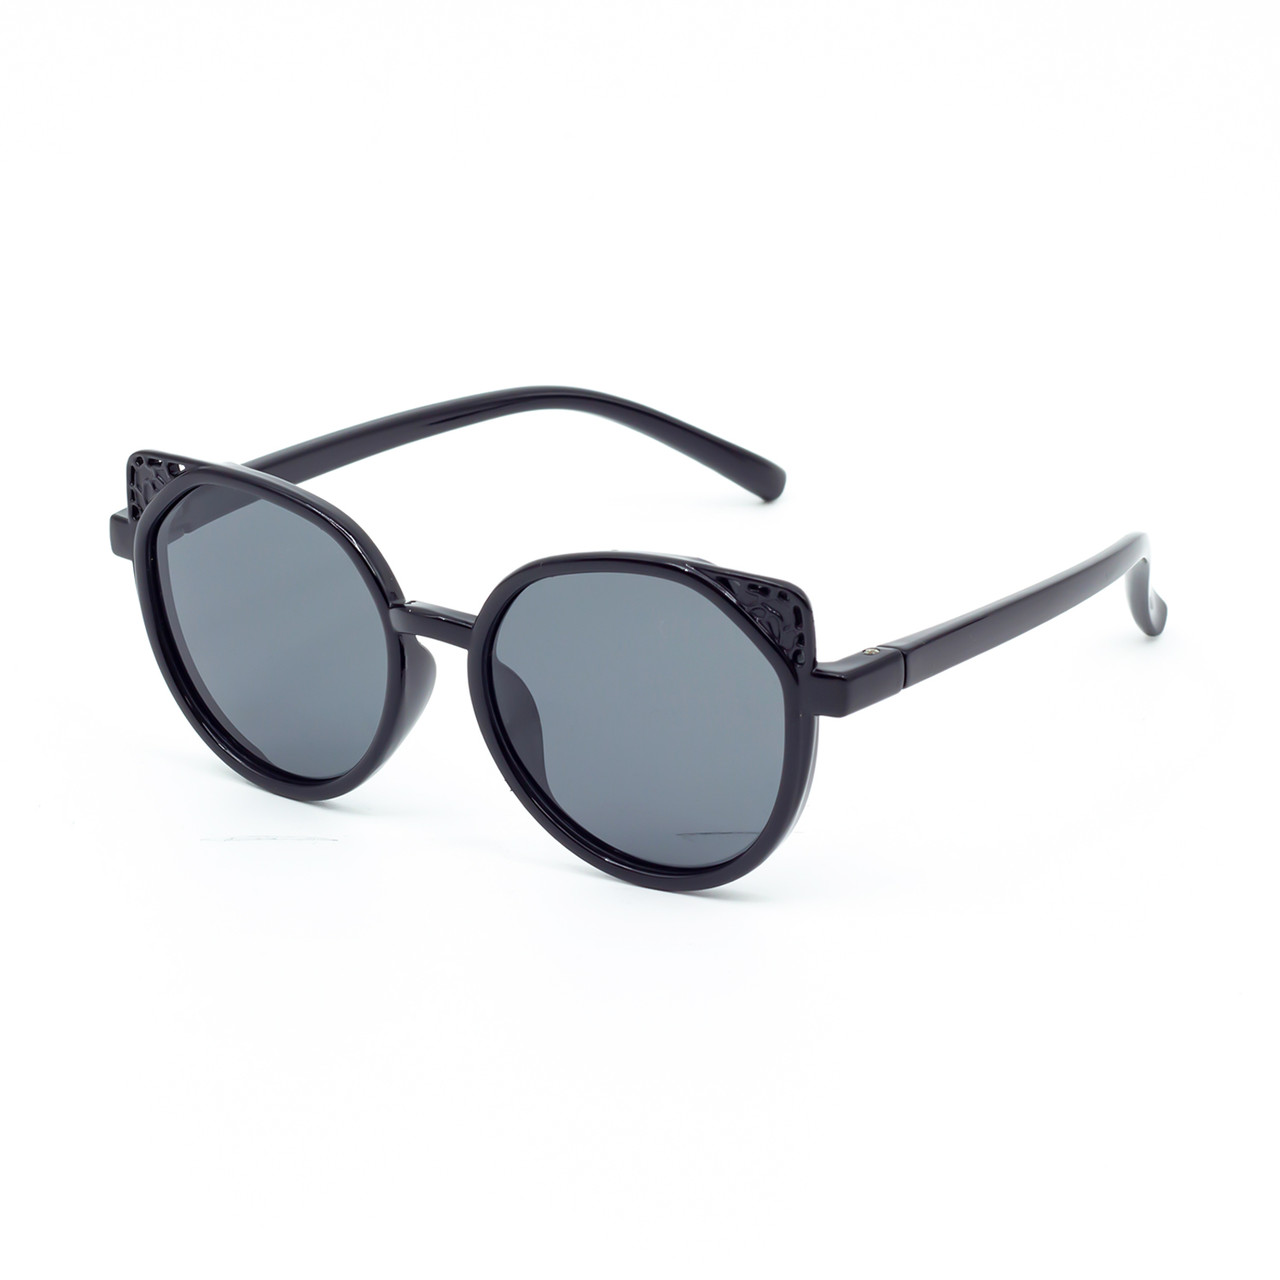 Сонцезахисні окуляри Marmilen P18138 C1 чорні ( KAP18138-01 )